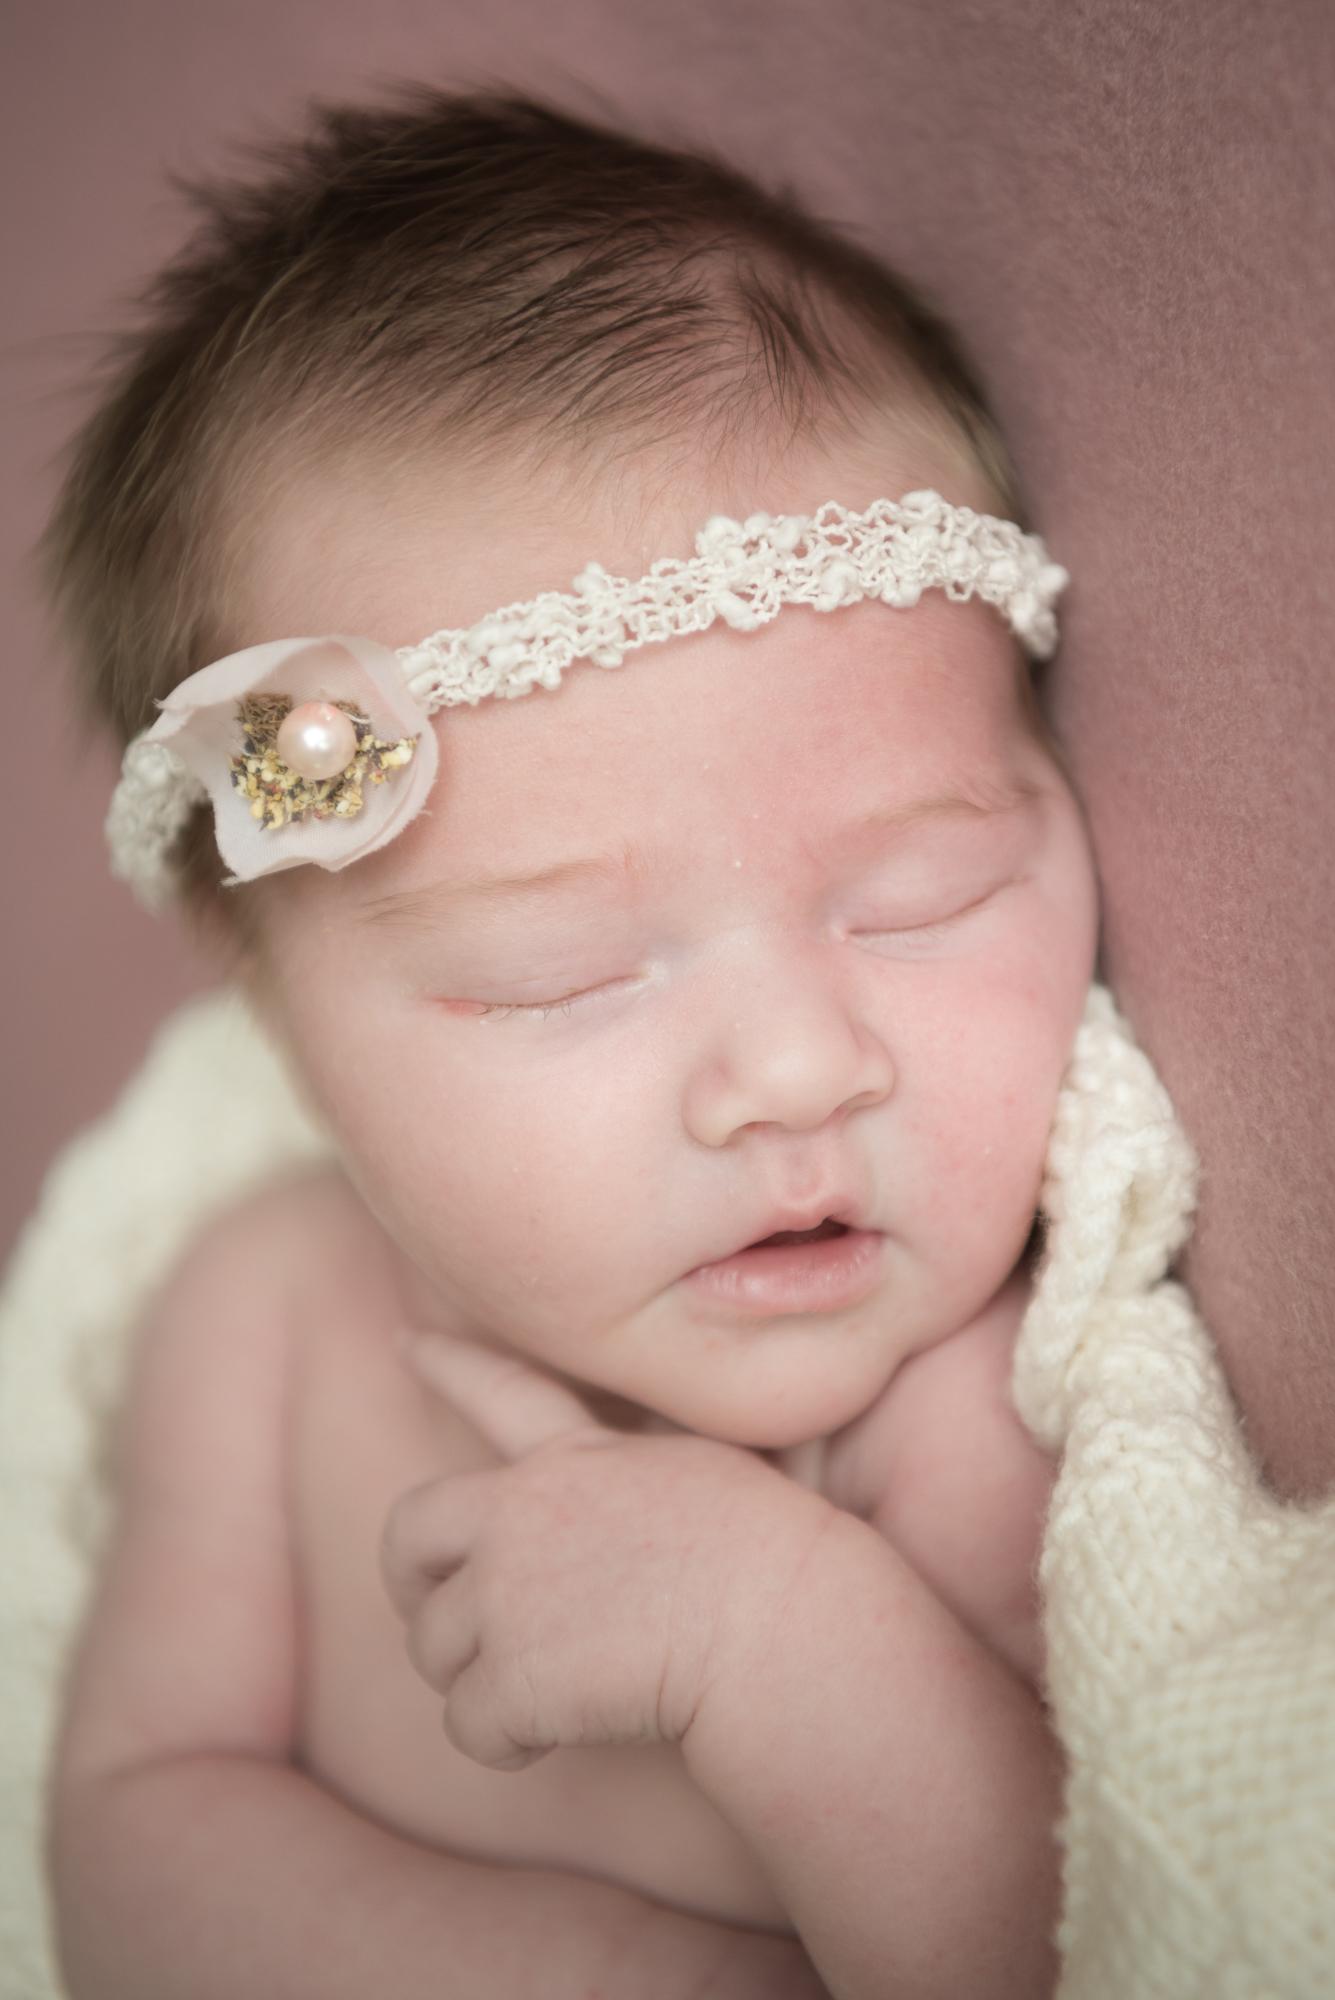 111-Nyfødt_famile_kjærlighet_glede_baby.jpg